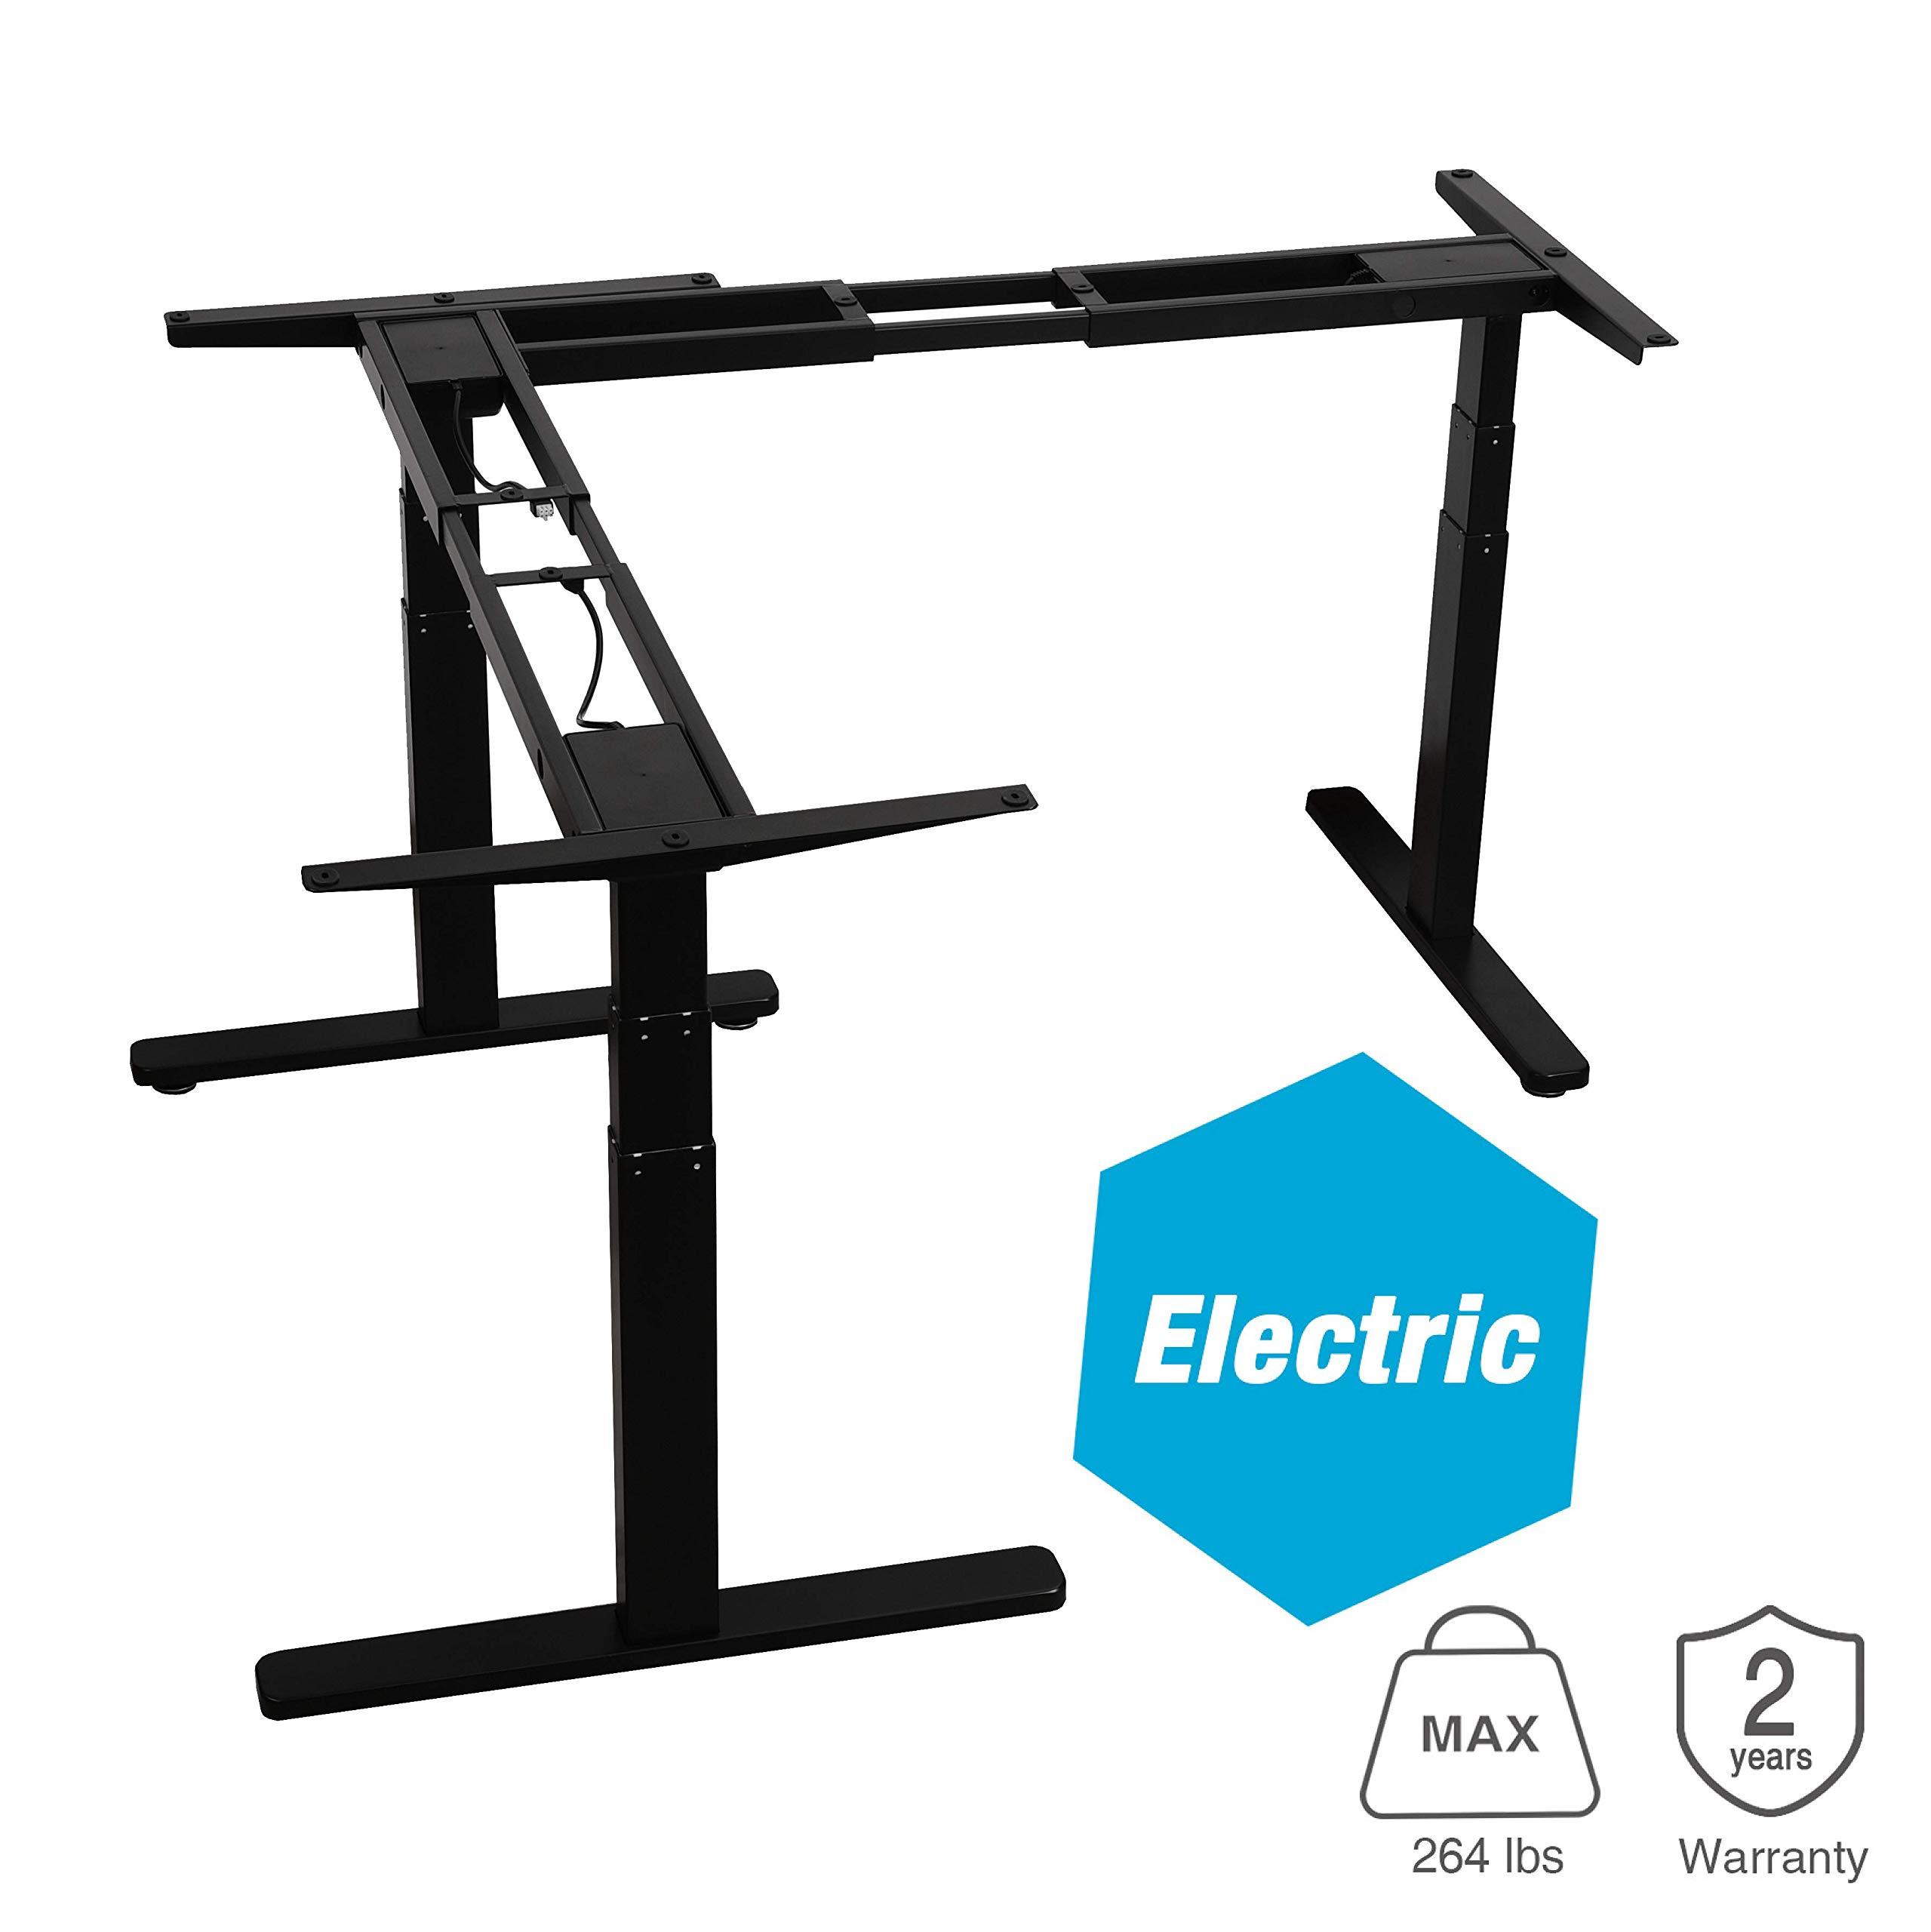 AVLT-Power L Shaped Electric Desk - Height Adjustable Corner Desk - 3 Legs Desk Adjustable Height - Motorized Desk Legs - L-Shape Standing Desk Frame - Desk Frame Only - Black by AVLT-Power